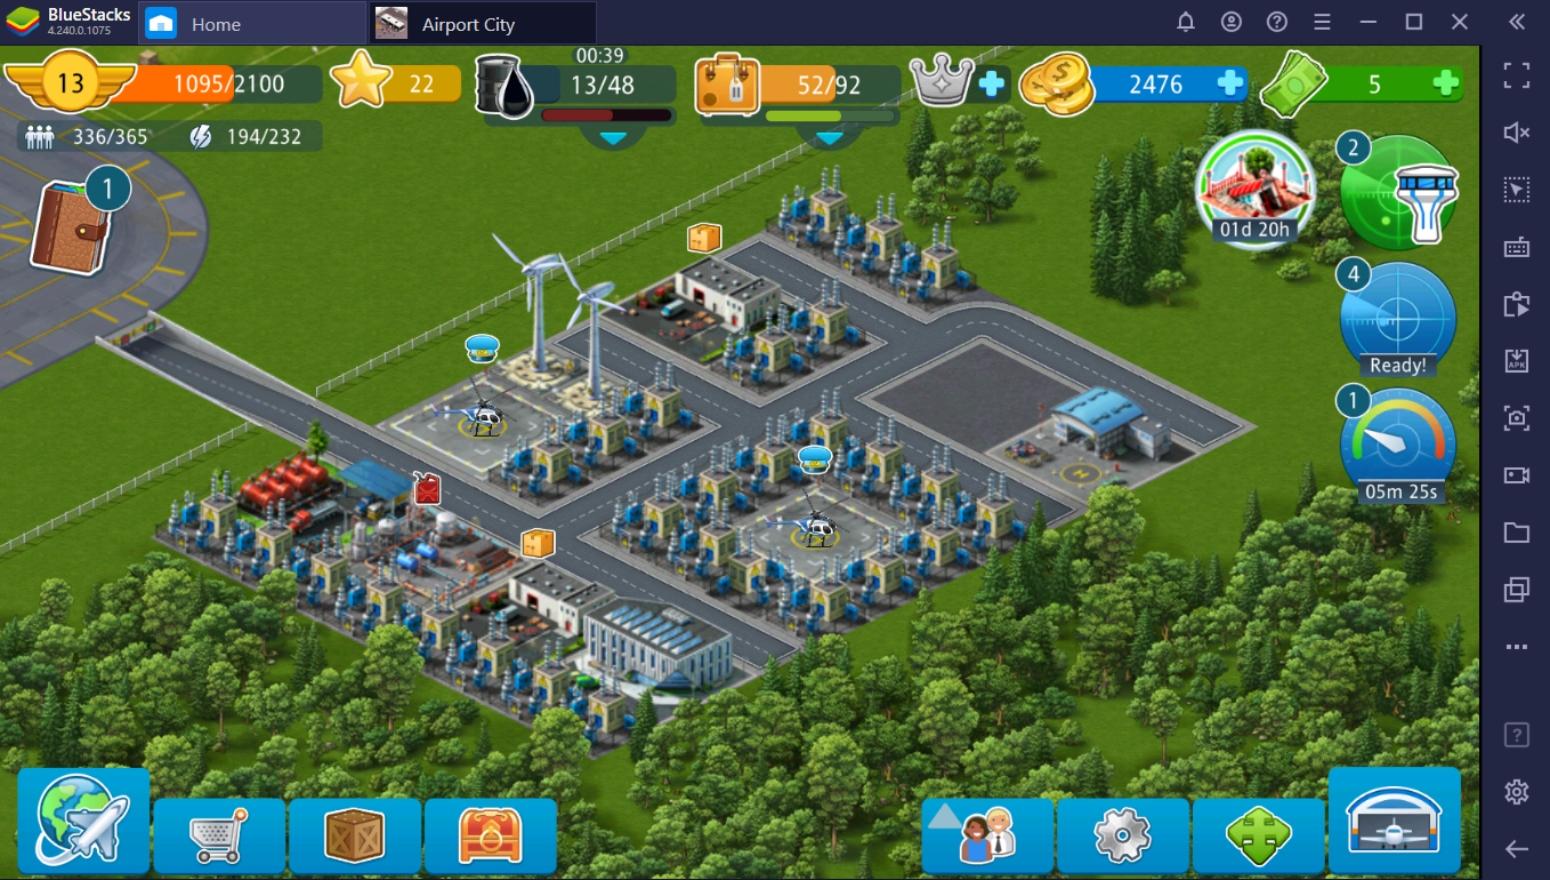 Airport City di PC – Belajar Membangun Kota Hebat Menggunakan Panduan Perluasan ini